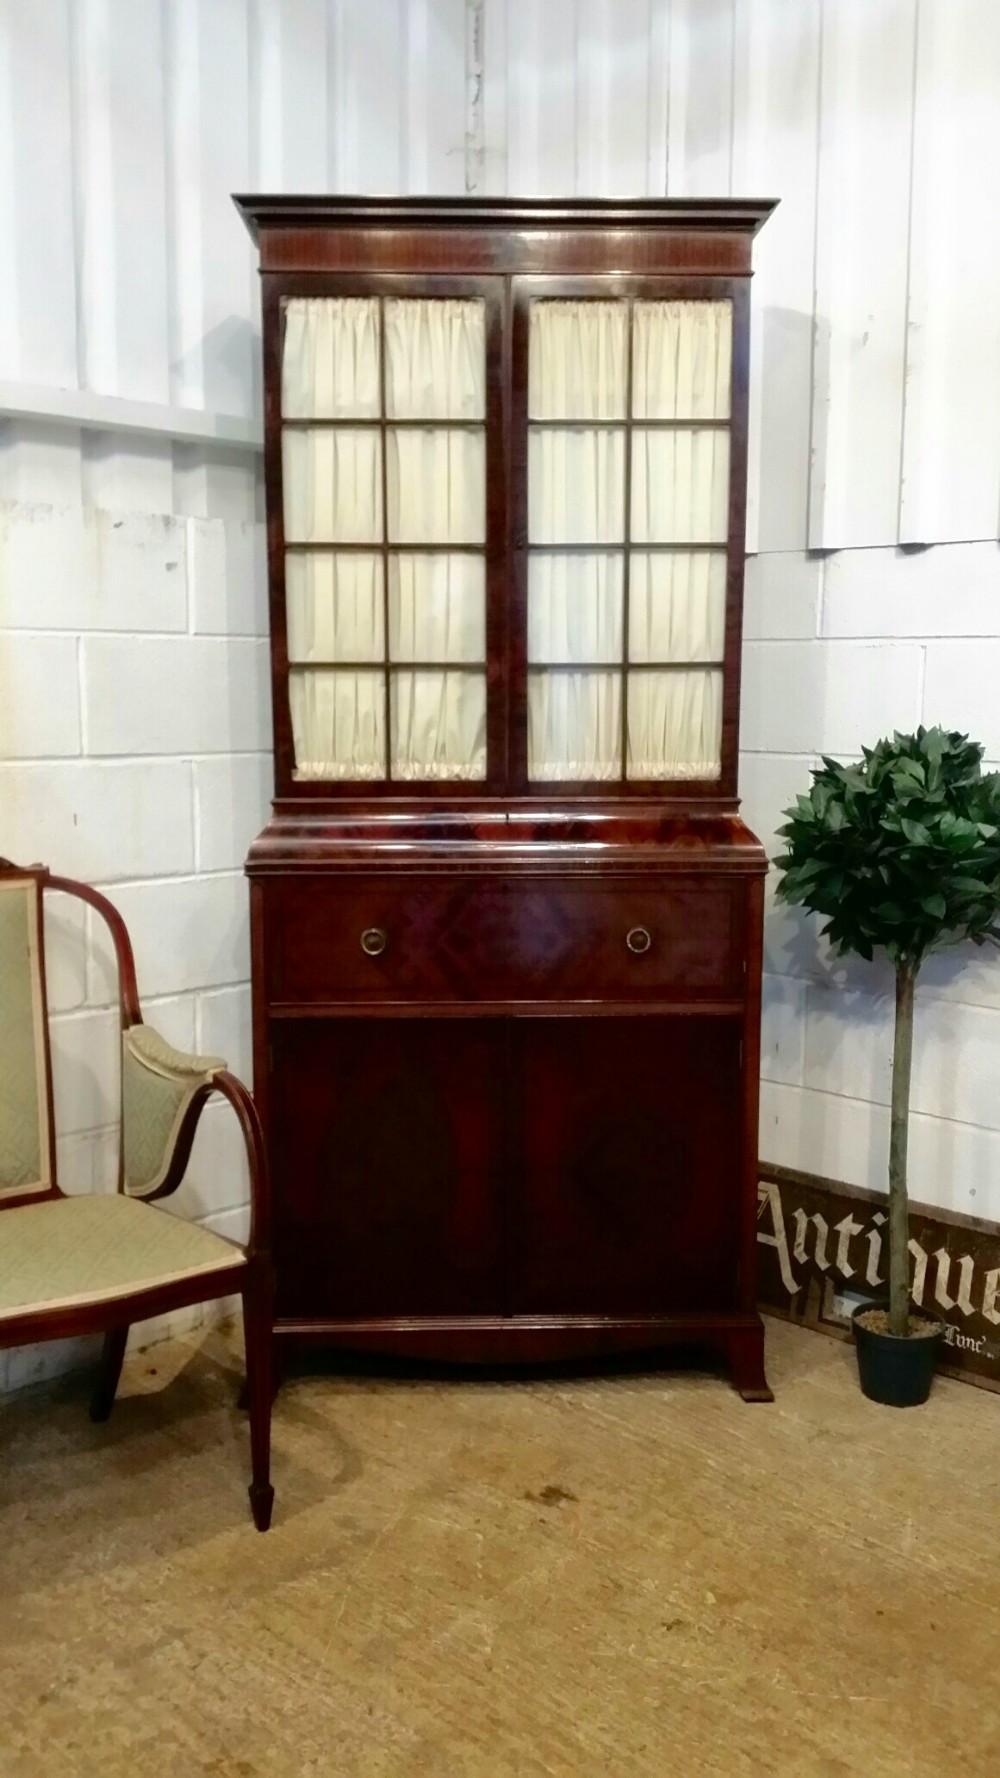 antique edwardian mahogany tall narrow secretaire bookcase c1900